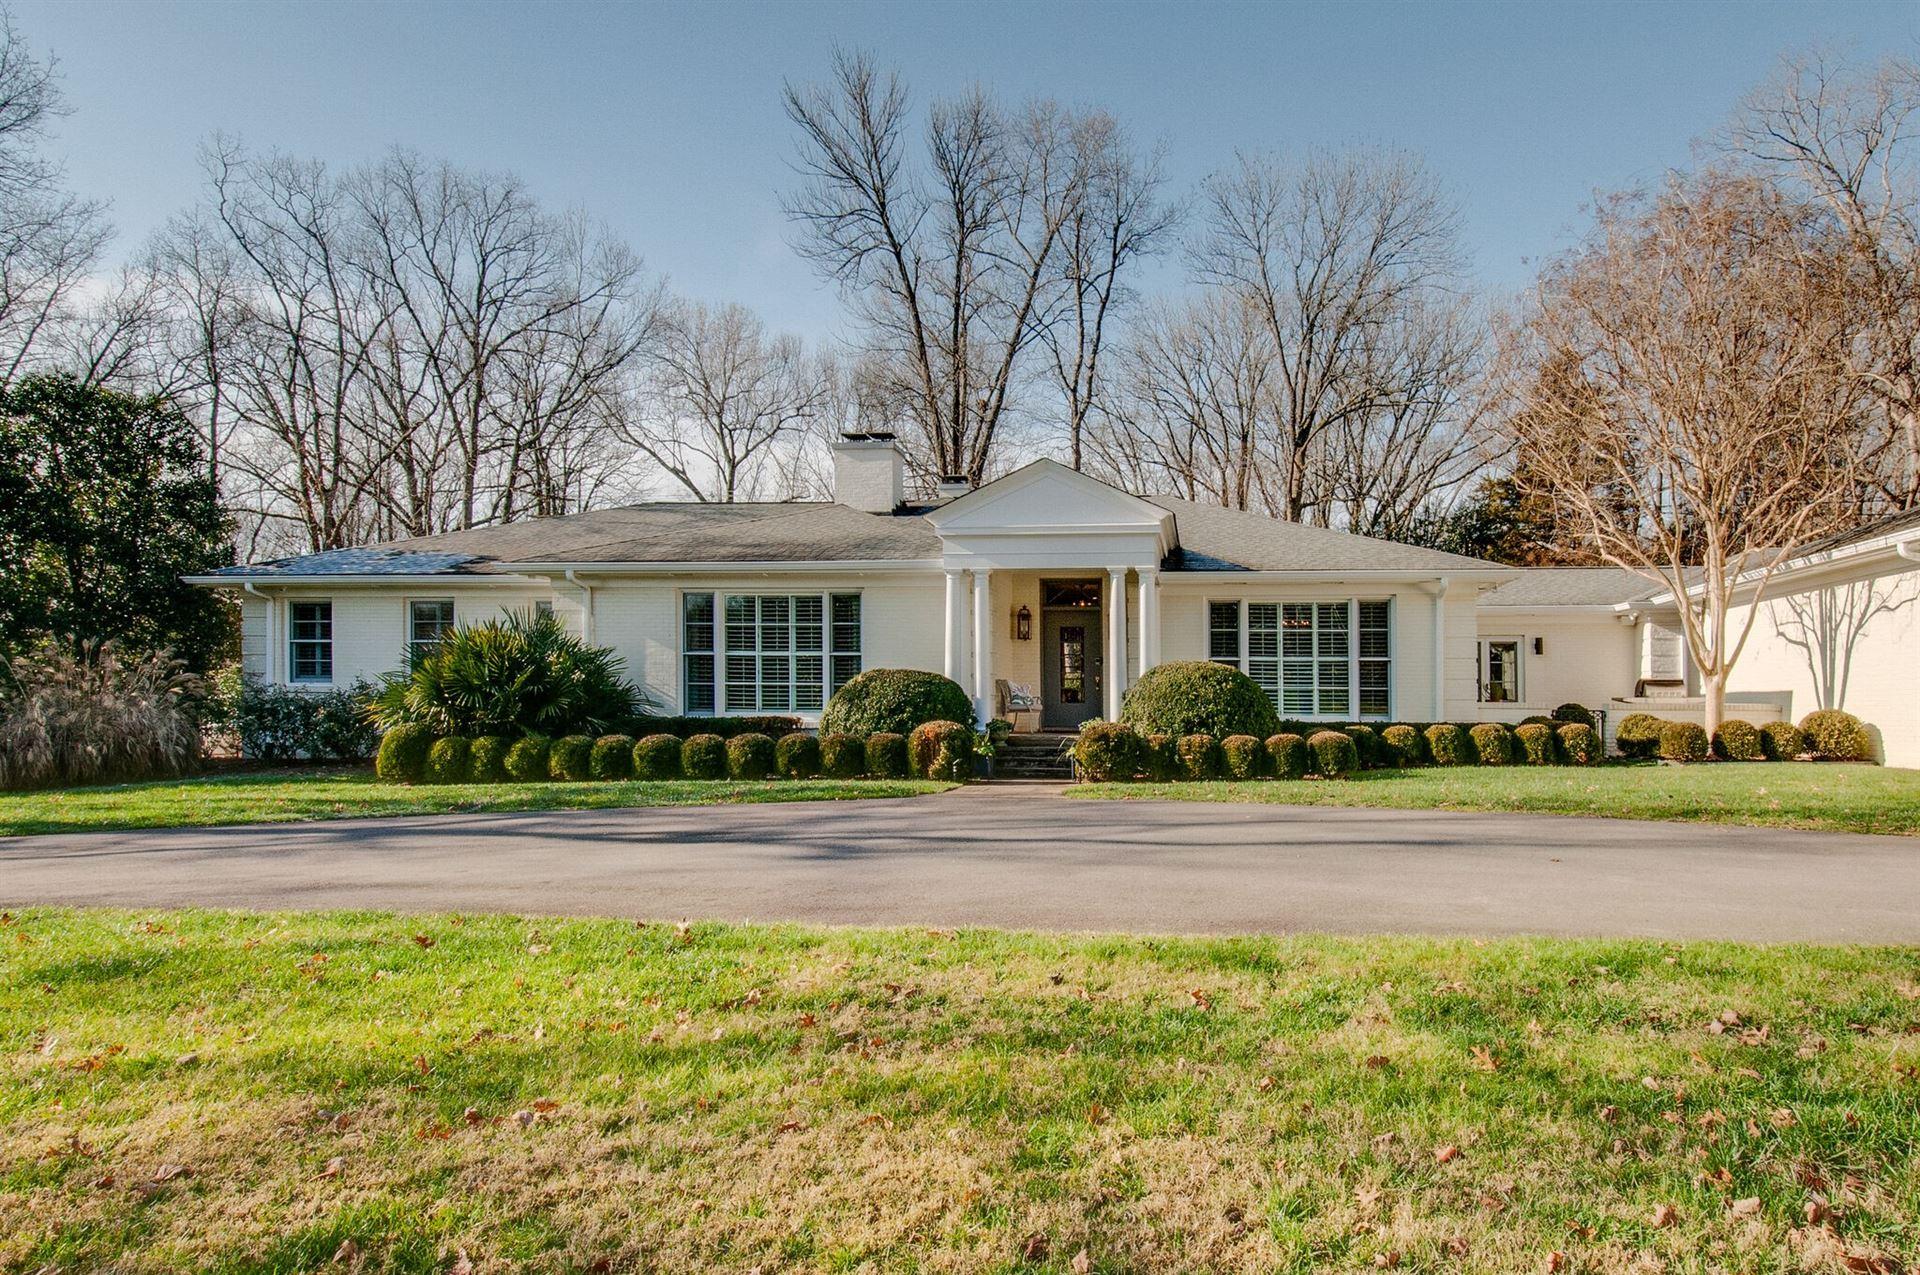 6108 Hickory Valley Rd, Nashville, TN 37205 - MLS#: 2215169